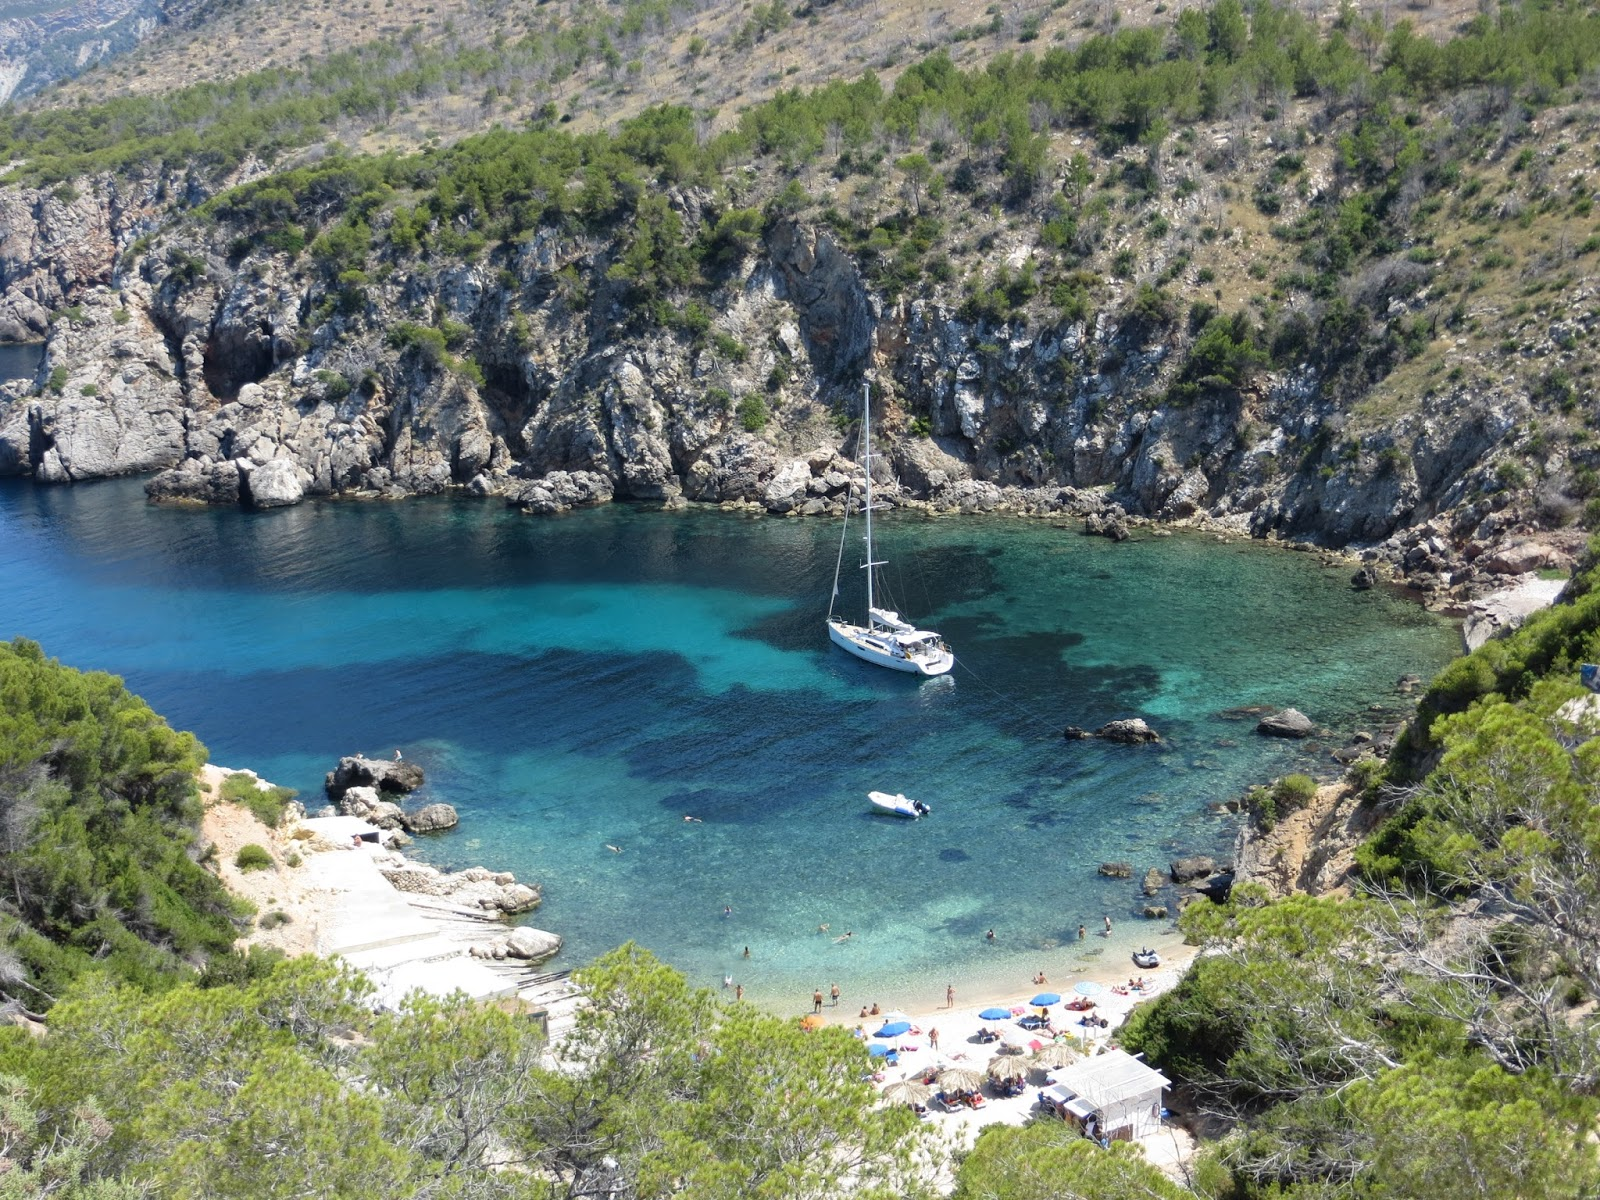 cala d'en Serra Alquiler de barcos Veleros Catamaranes Yates Lanchas Motoras Alquiler de barcos en Ibiza Formentera Mallorca Valencia